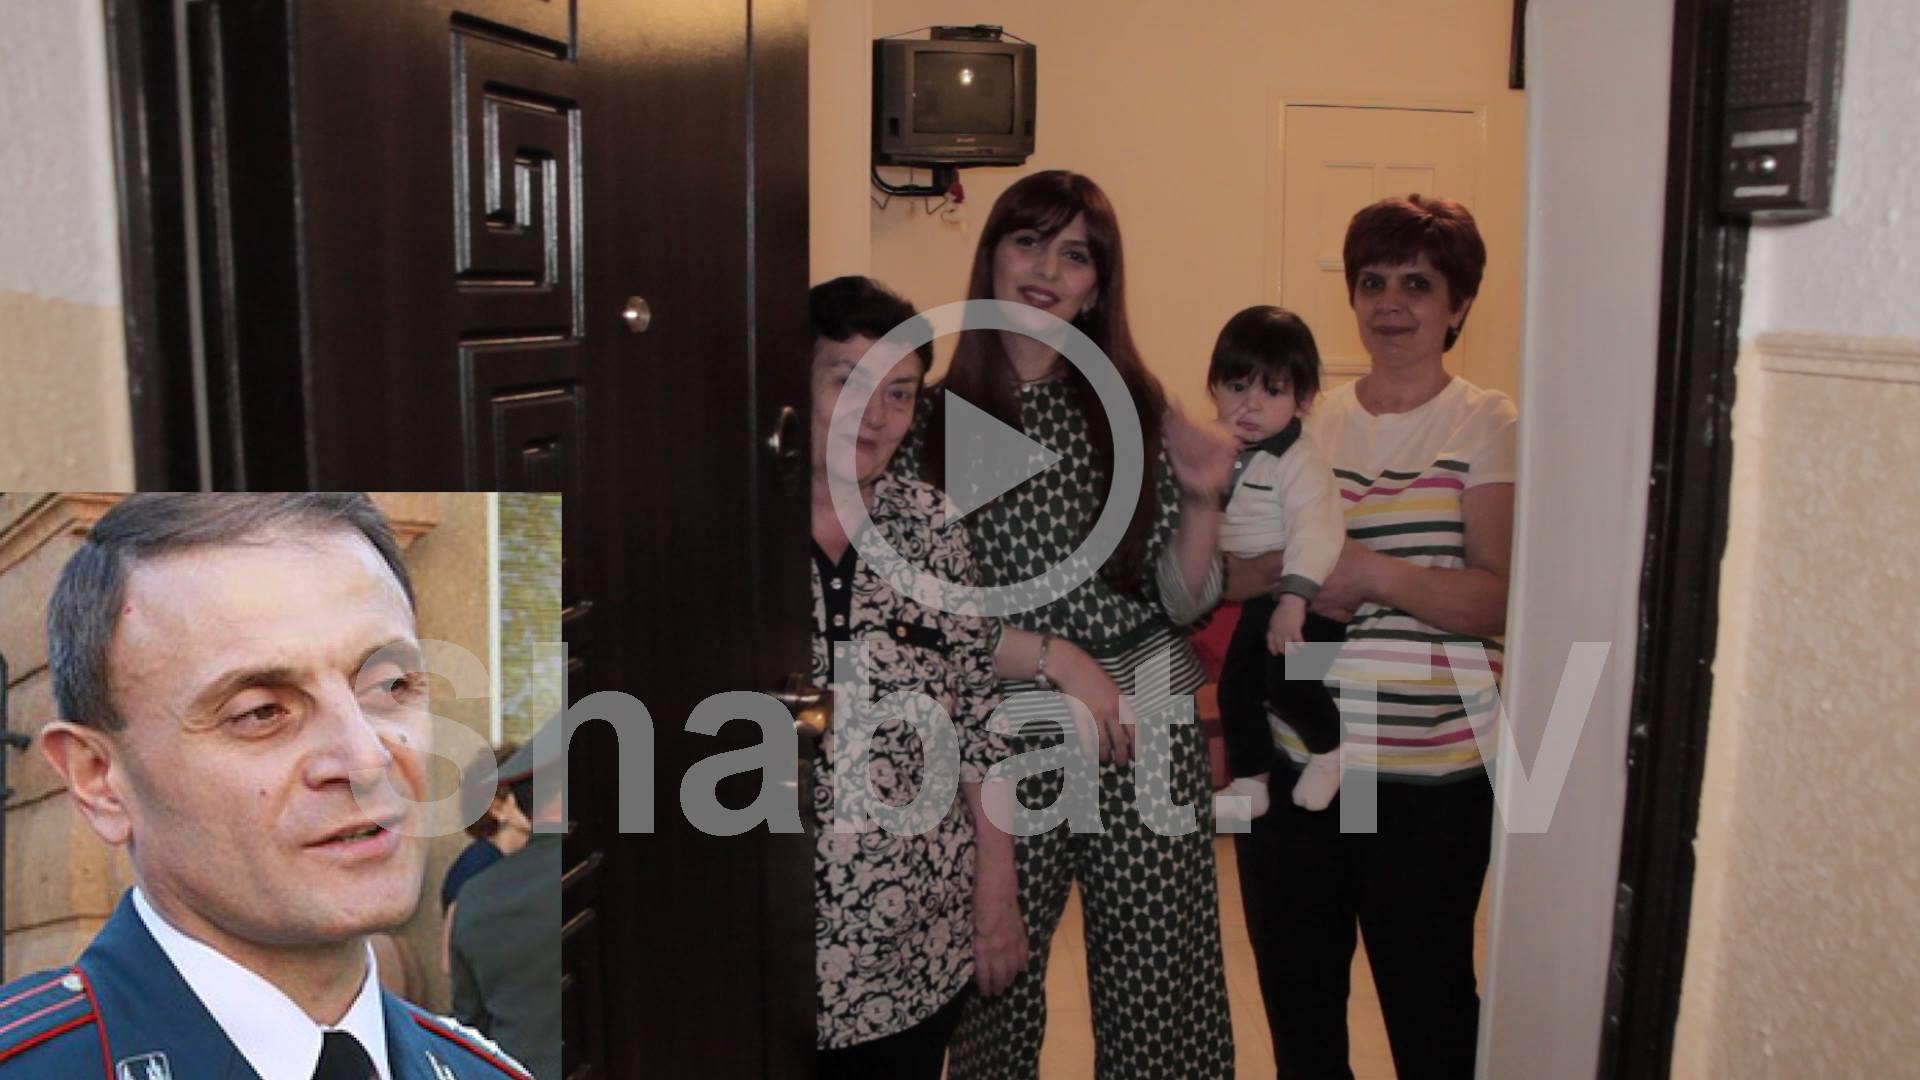 Ոստիկանապետ Վալերի Օսիպյանի տանը․Ոստիկանապետի կինը, մայրը և զոքանչը նրա մասին